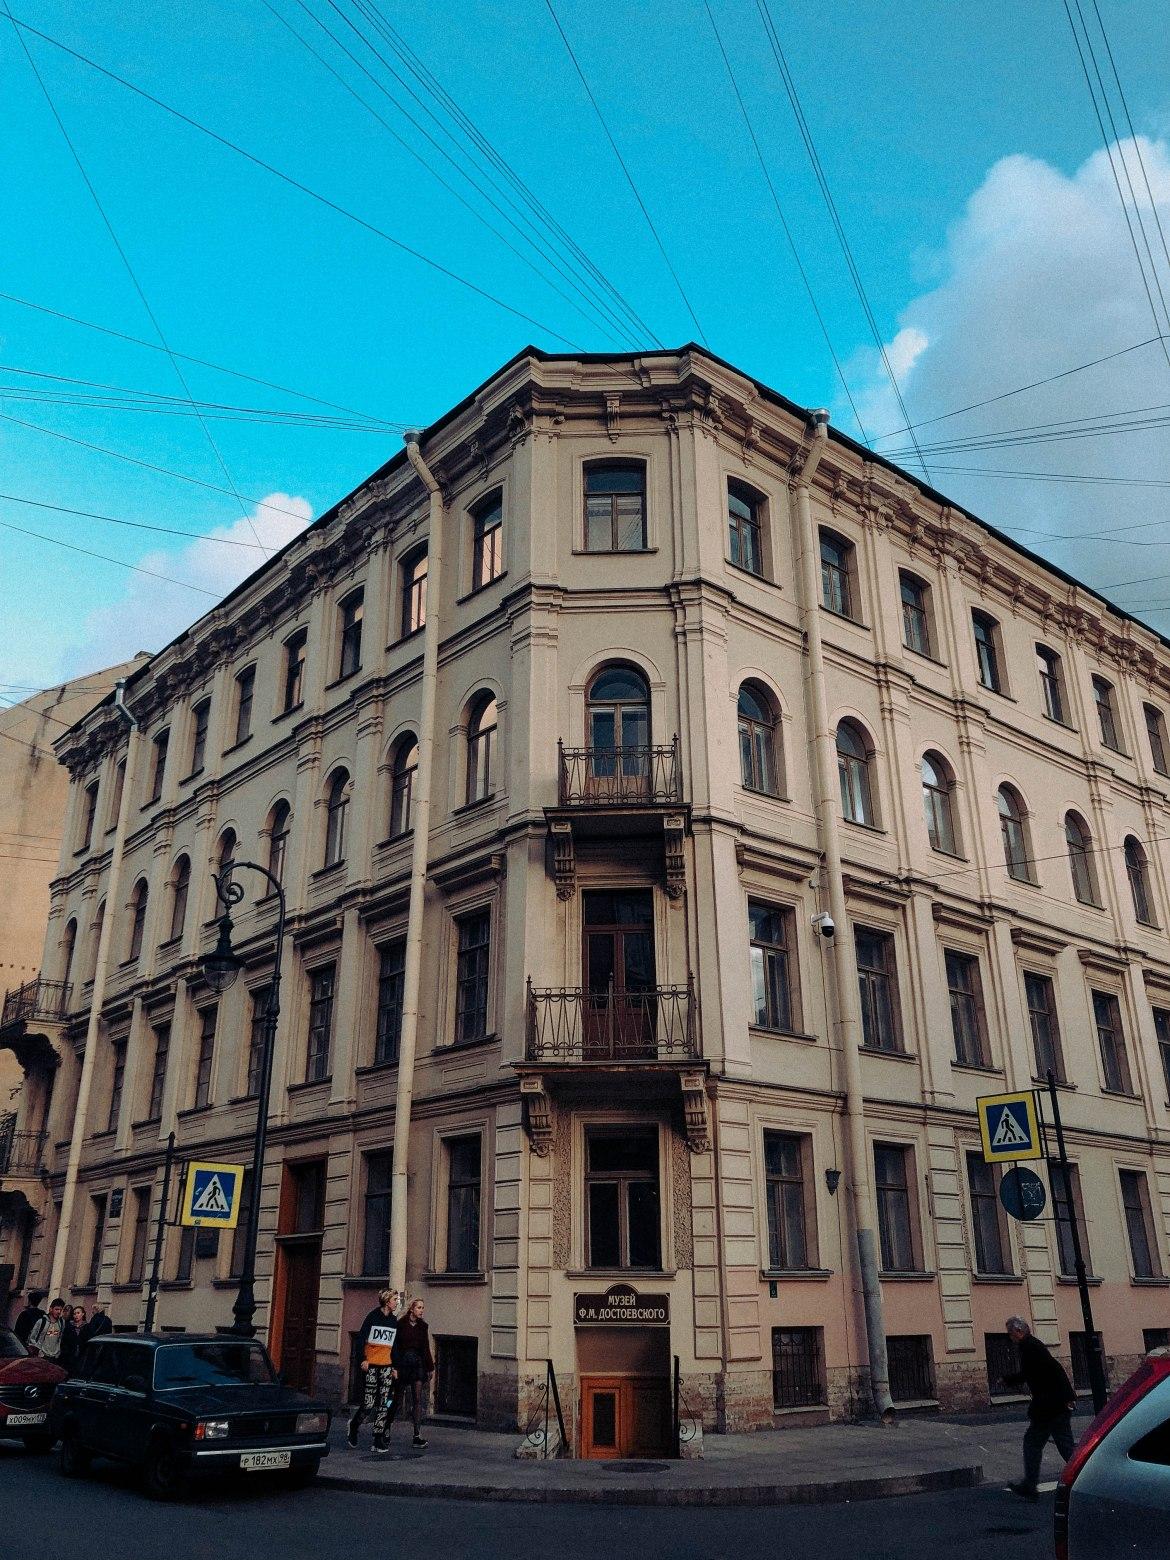 Prédio onde Dostoiévski morou de 1878 até sua morte em 1881. (Foto: Arquivo pessoal/setembro de 2019).